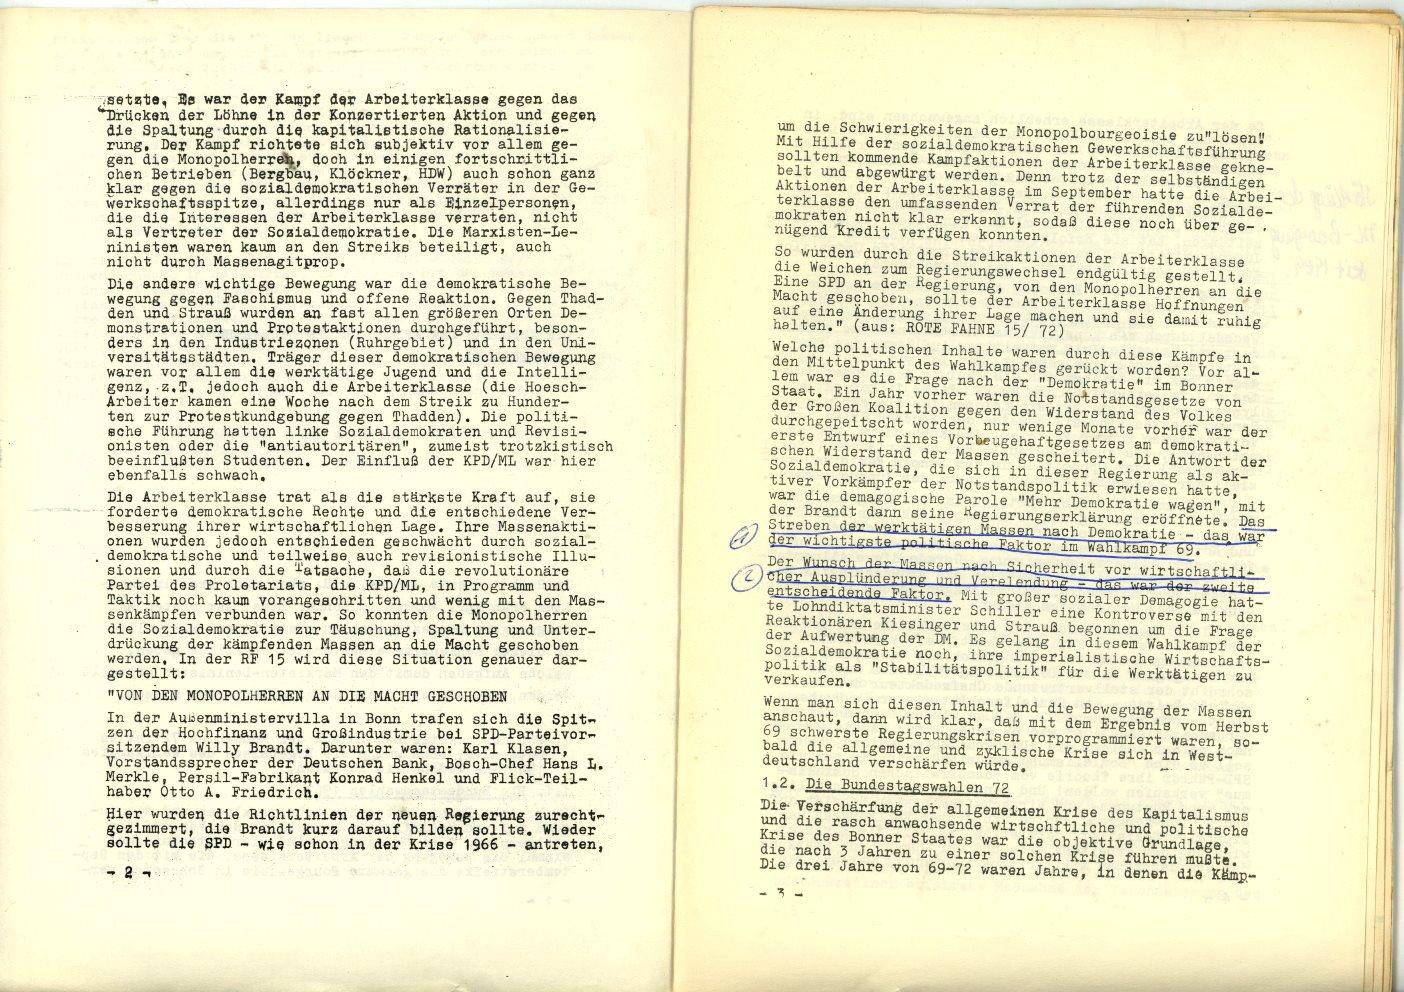 ZB_Rahmenplan_19720804_03